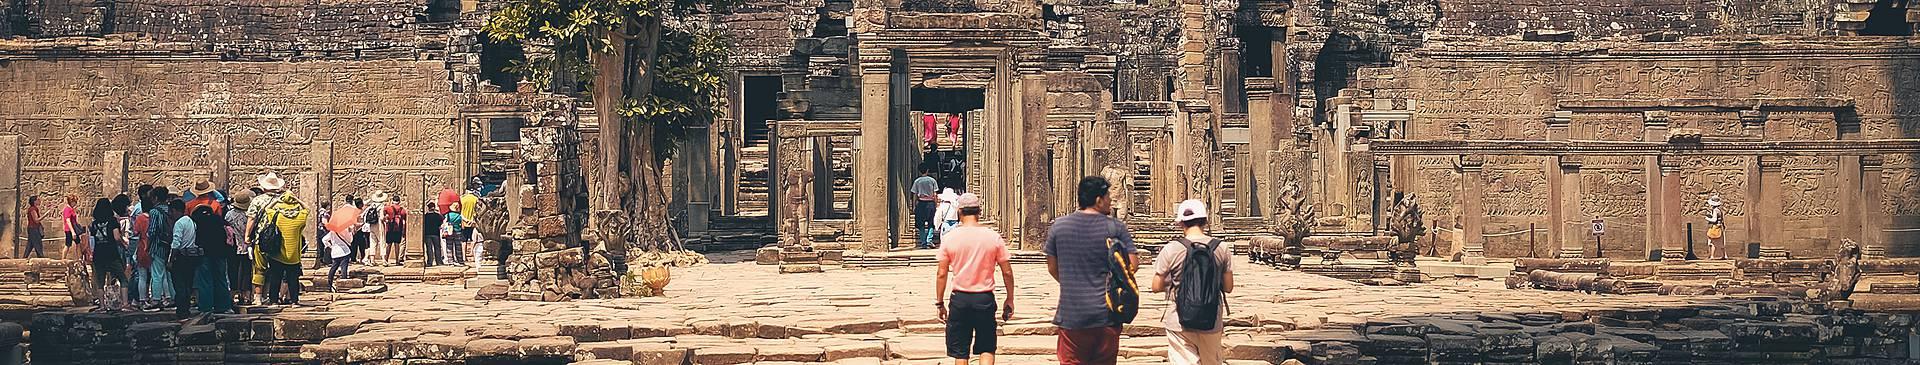 Viaggi di gruppo in Cambogia